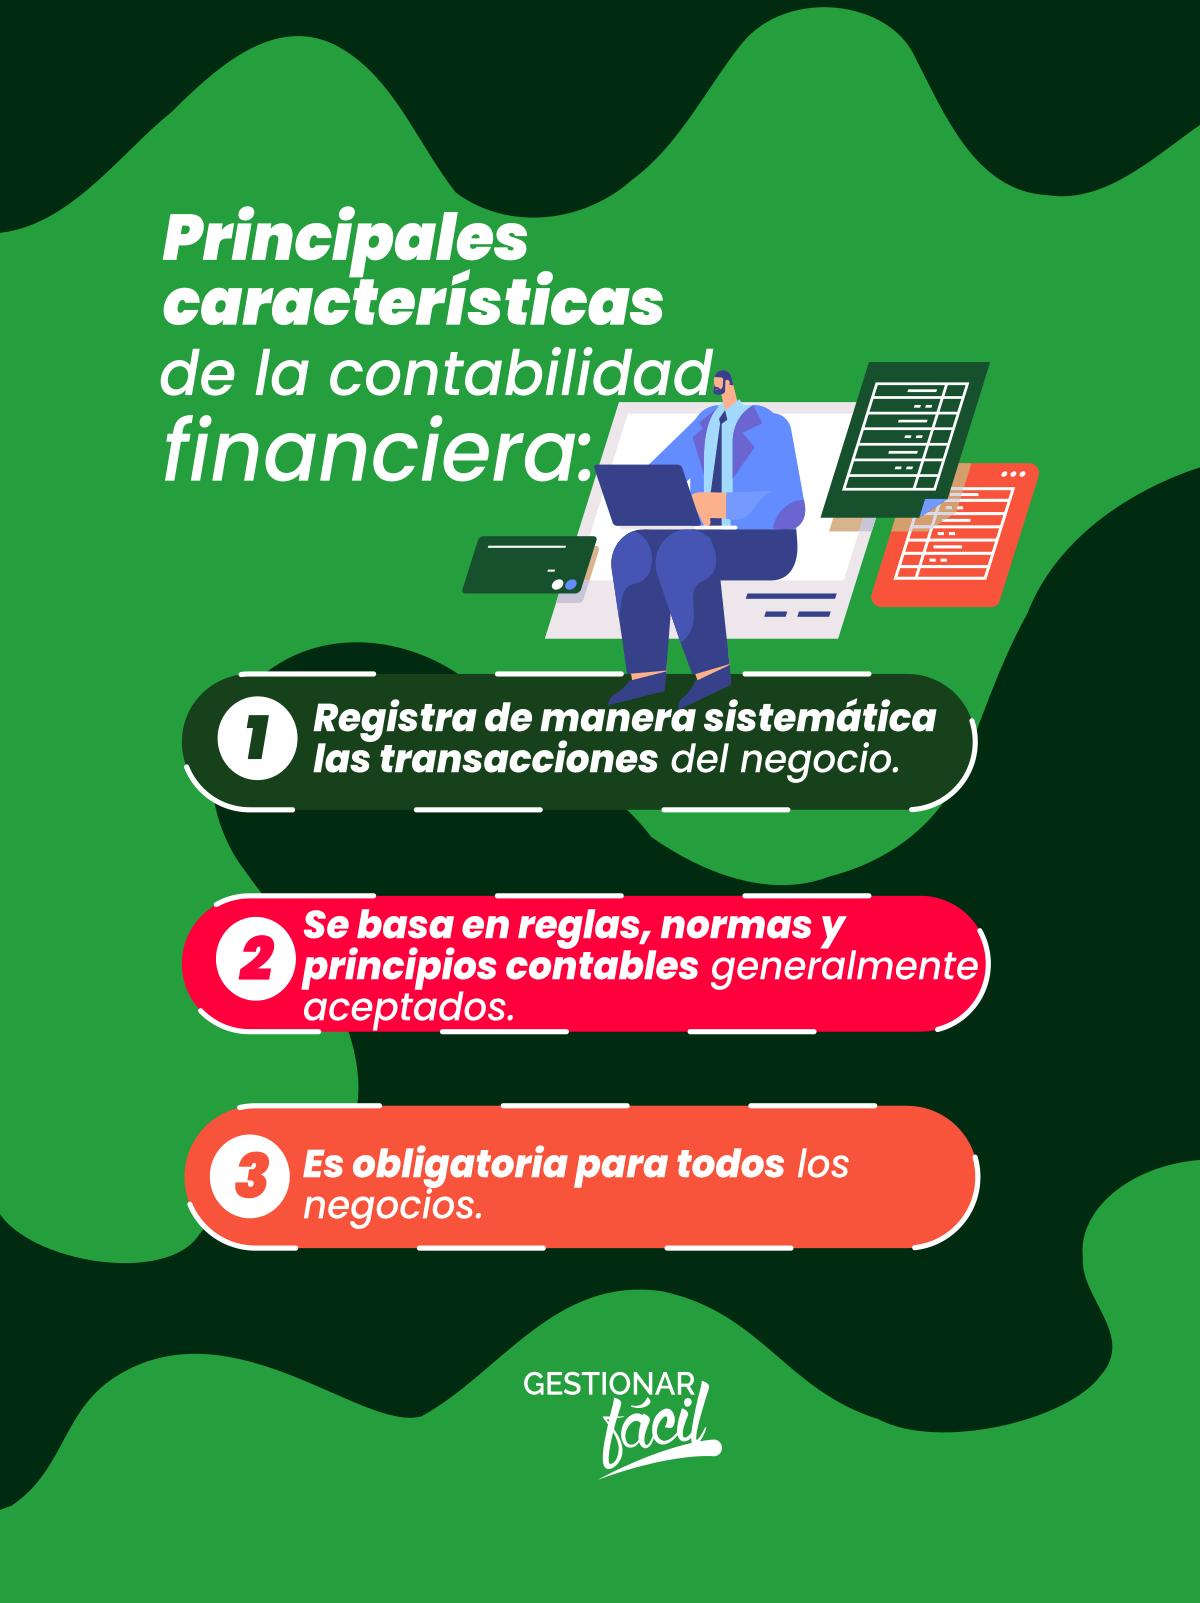 ¿Cómo llevar la contabilidad financiera en tu negocio? 1